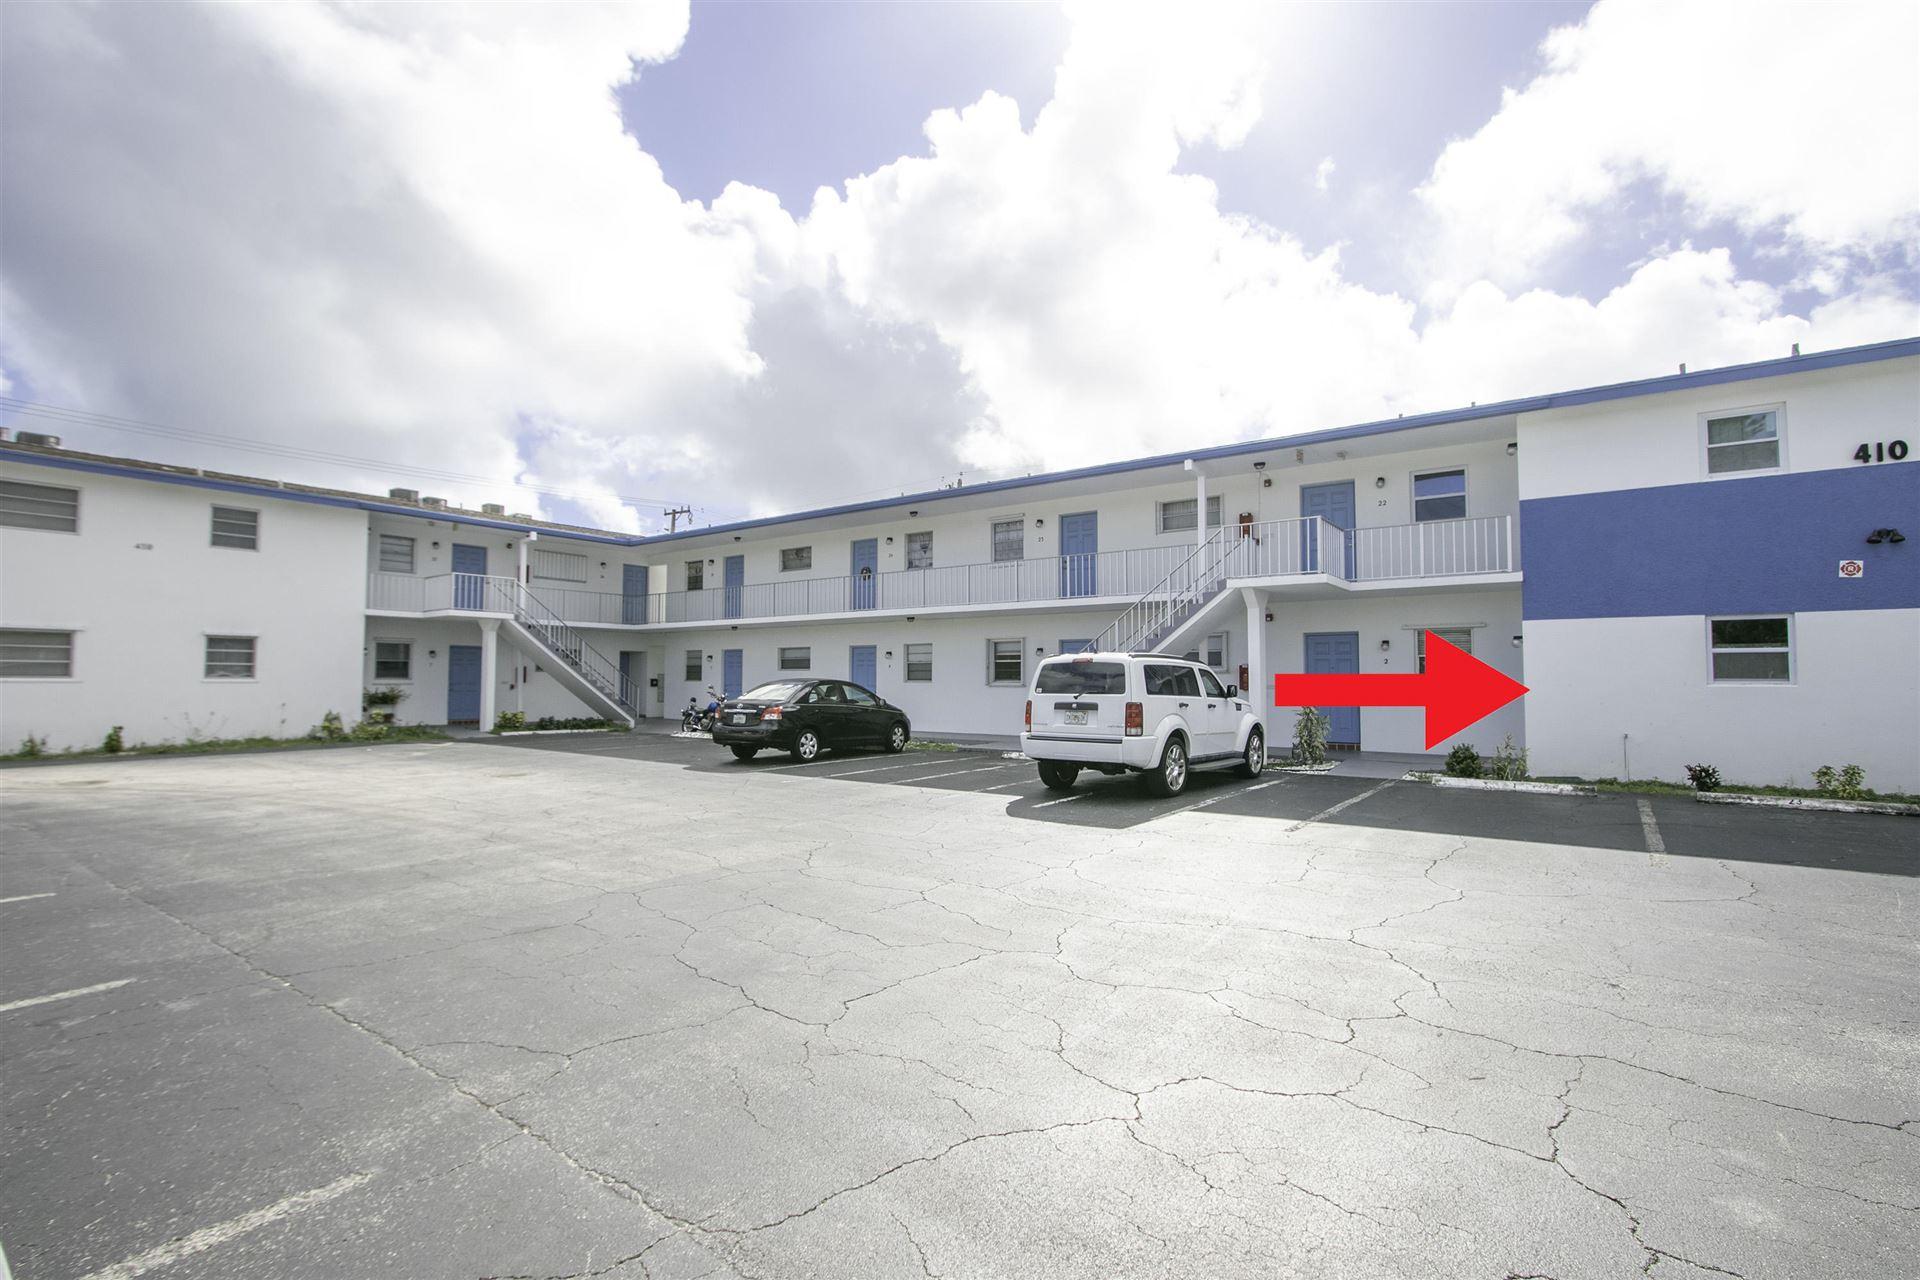 410 W Palm Street #1, Lantana, FL 33462 - #: RX-10673445